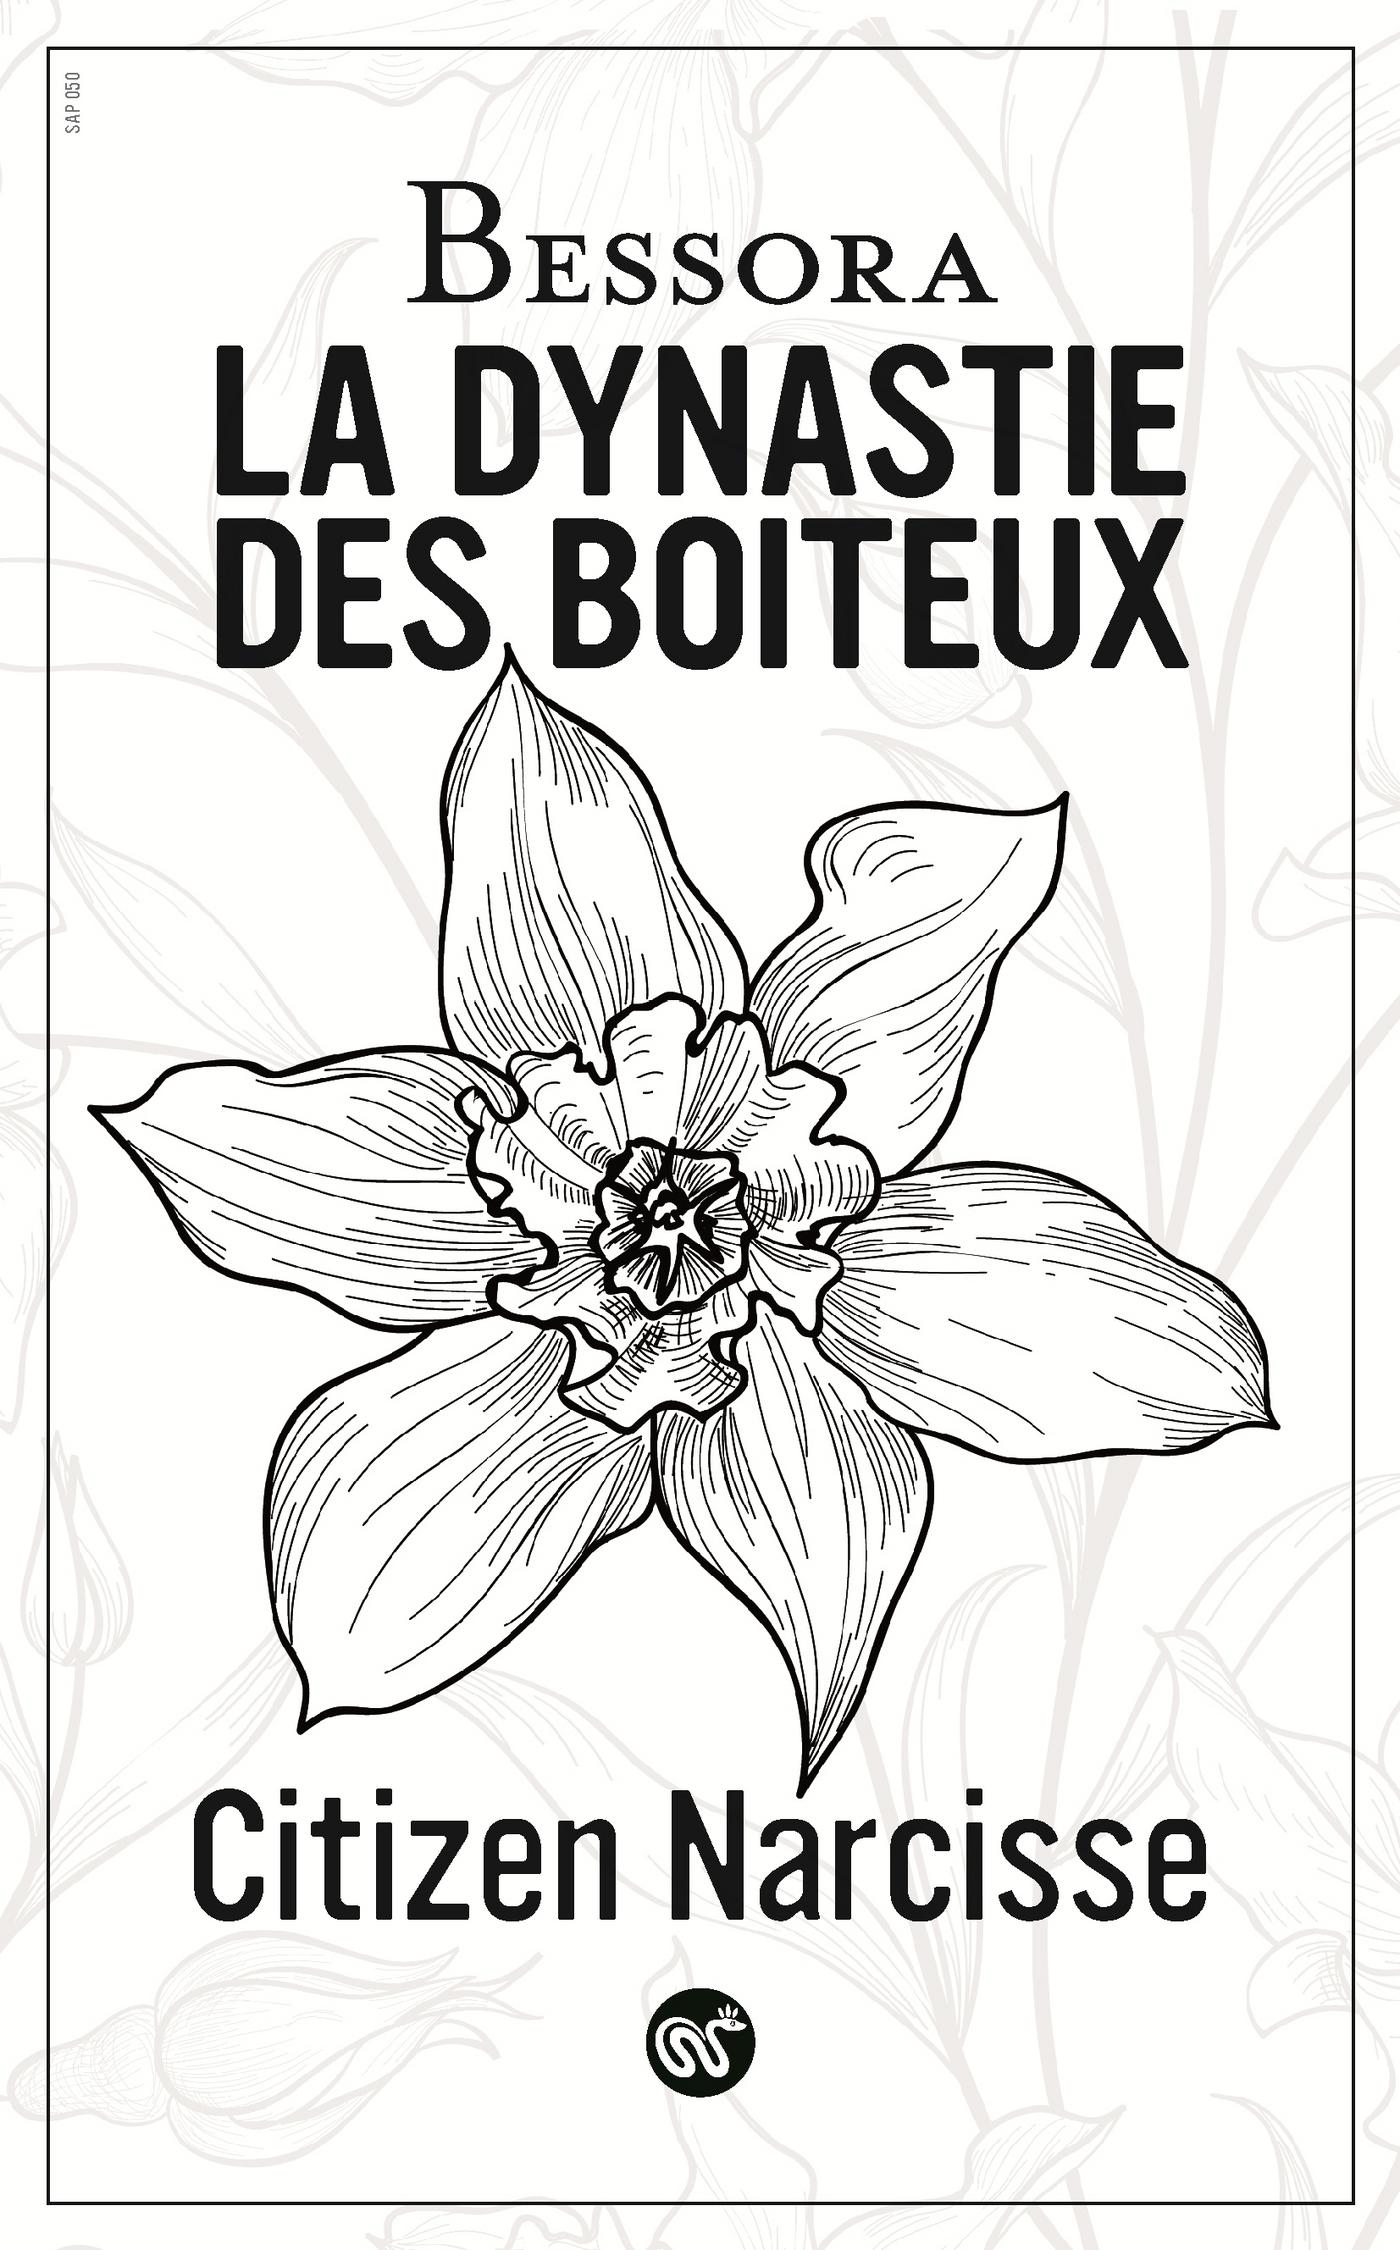 Citizen Narcisse